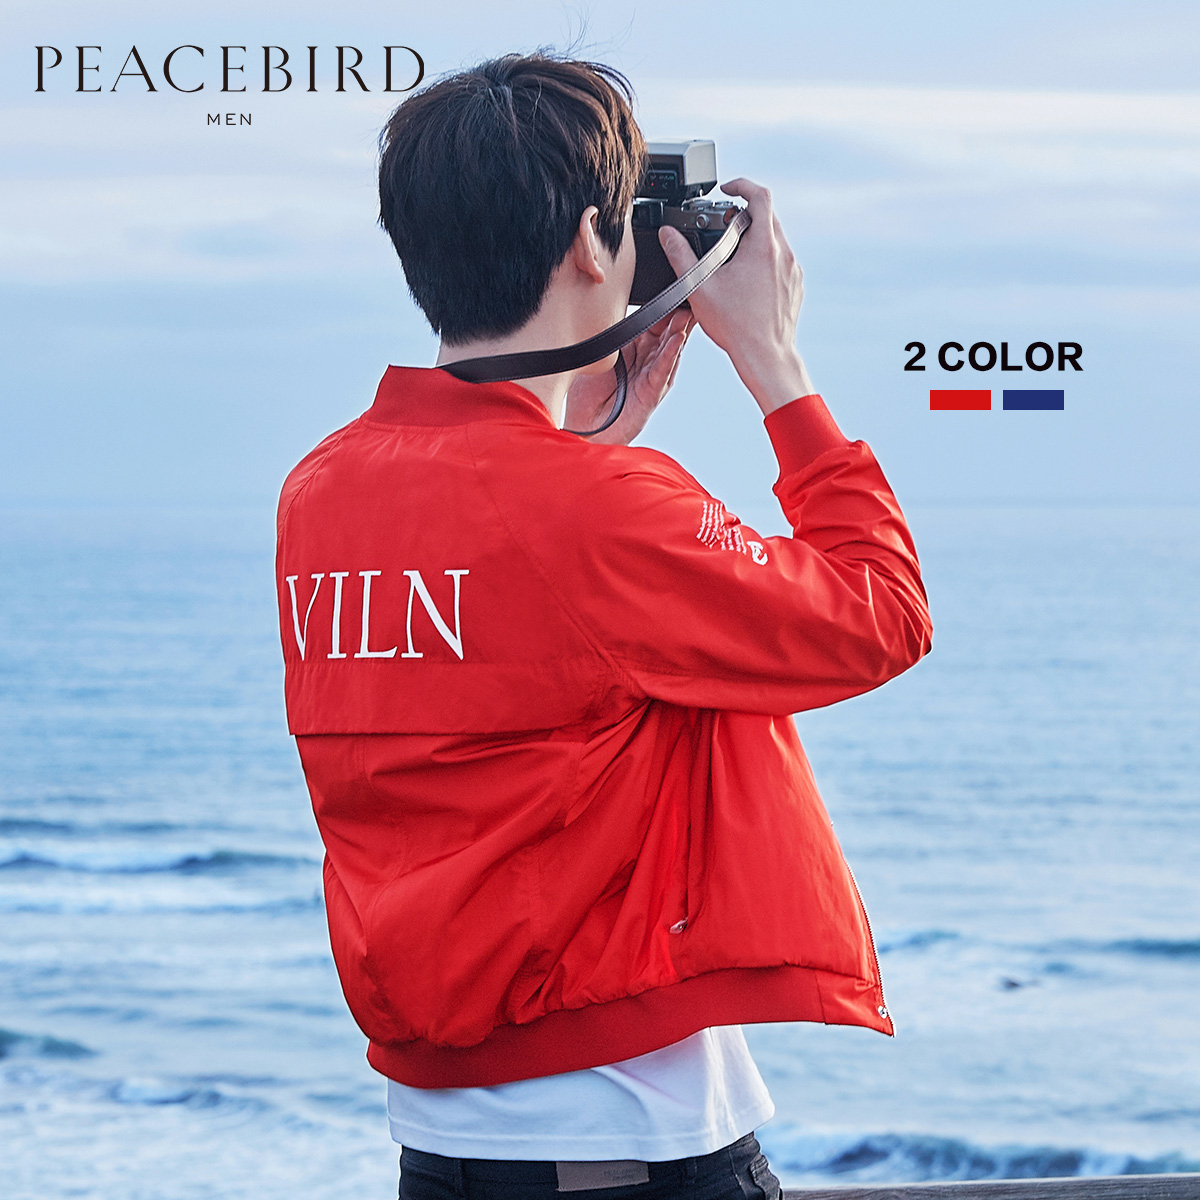 Тайпин птица мужской 2018 весна новинка красный пальто молодежь мода движение ветер облегающий, южнокорейская версия длинный рукав куртка